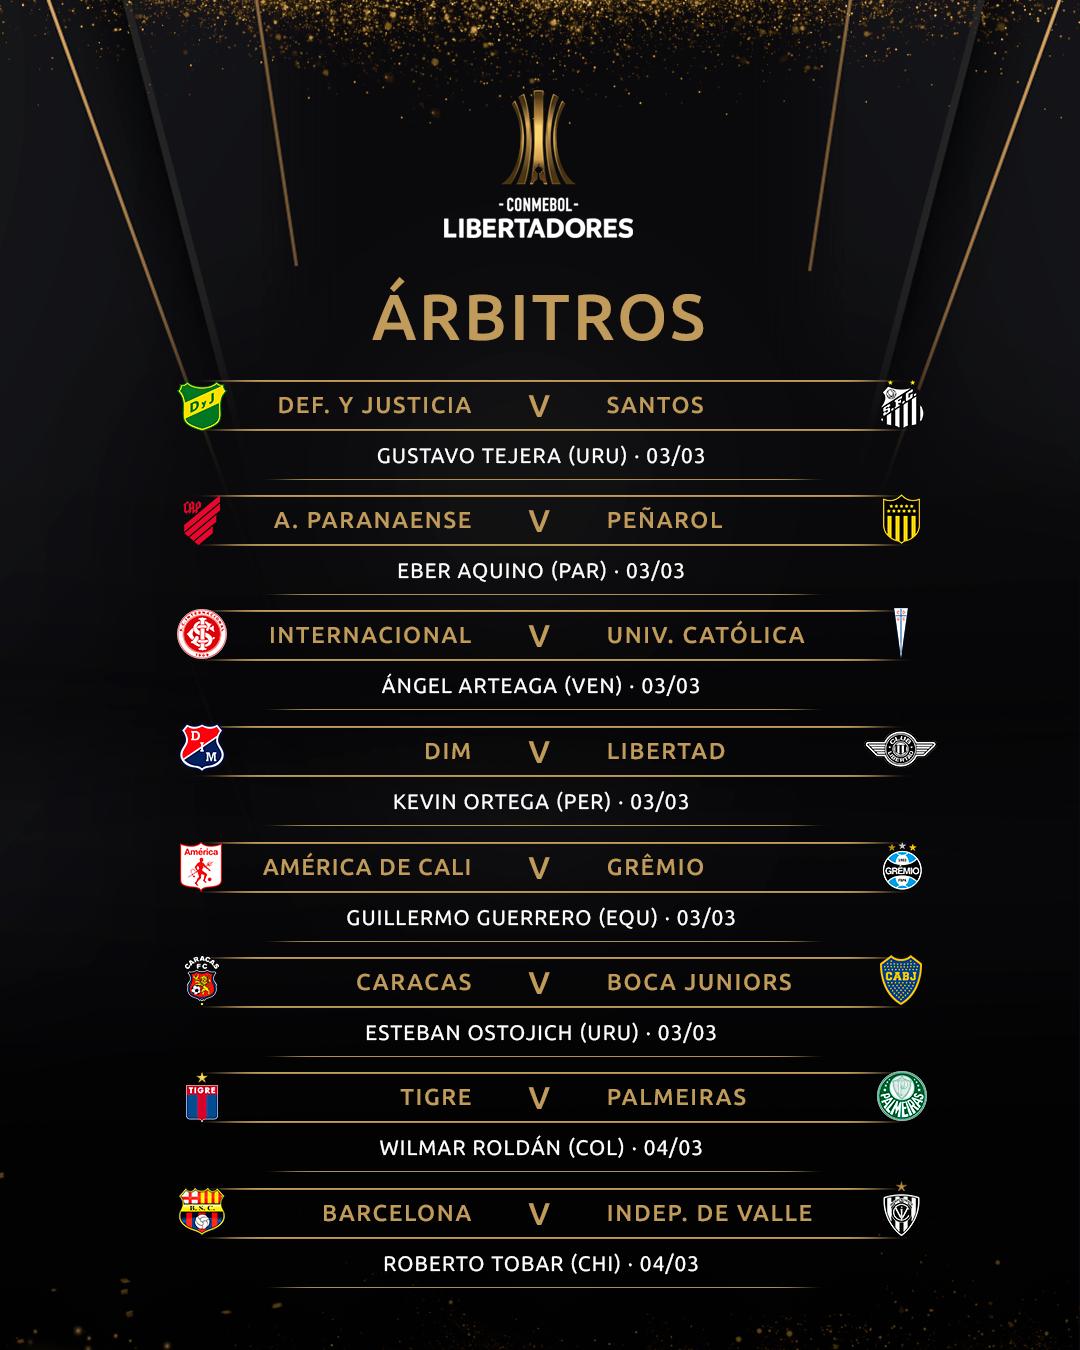 Árbitros 1 Libertadores Rodada 1